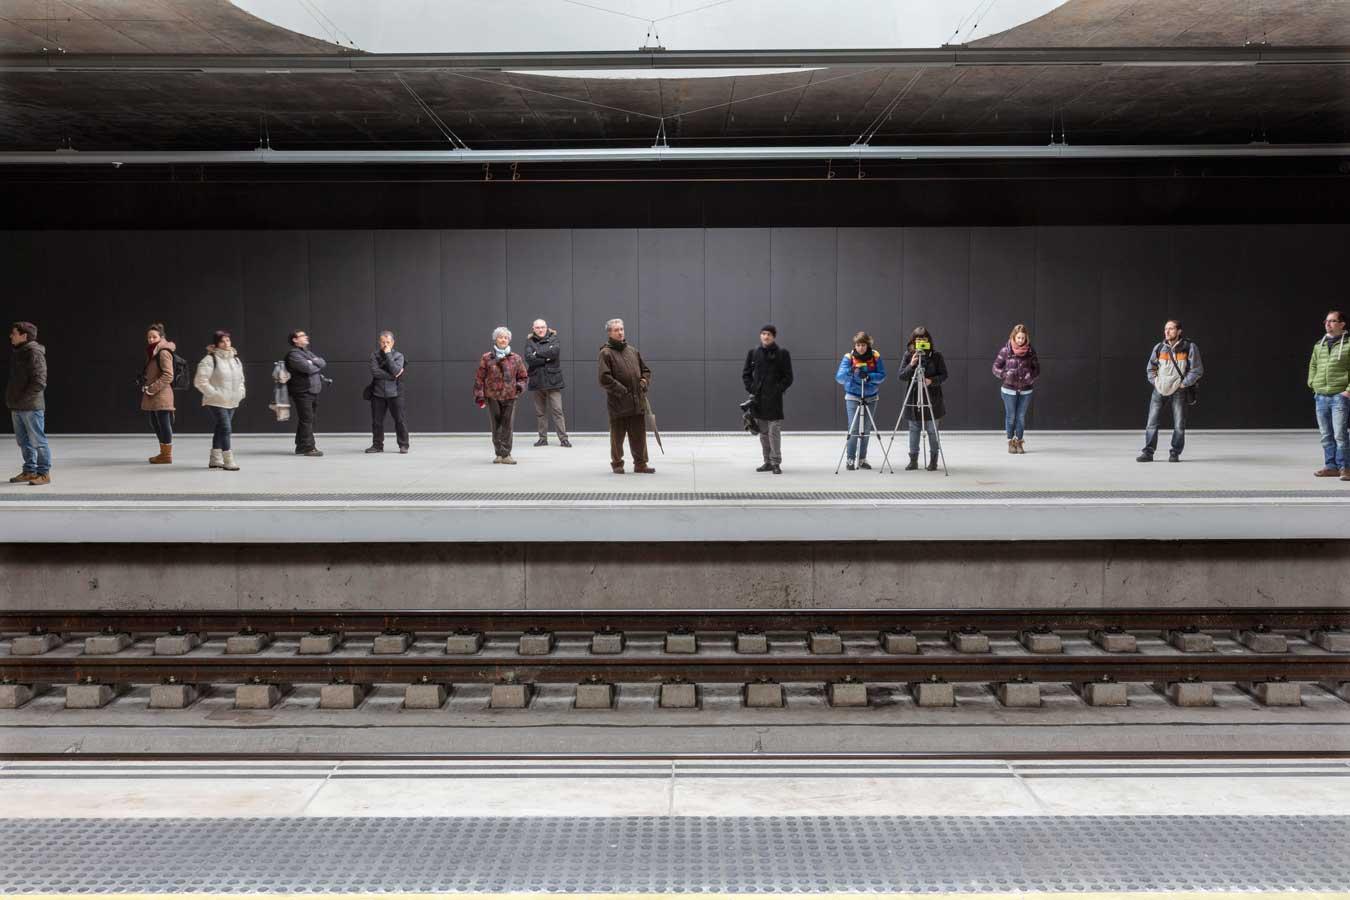 Pasajeros asomados al andén mientras esperan la llegada del tren